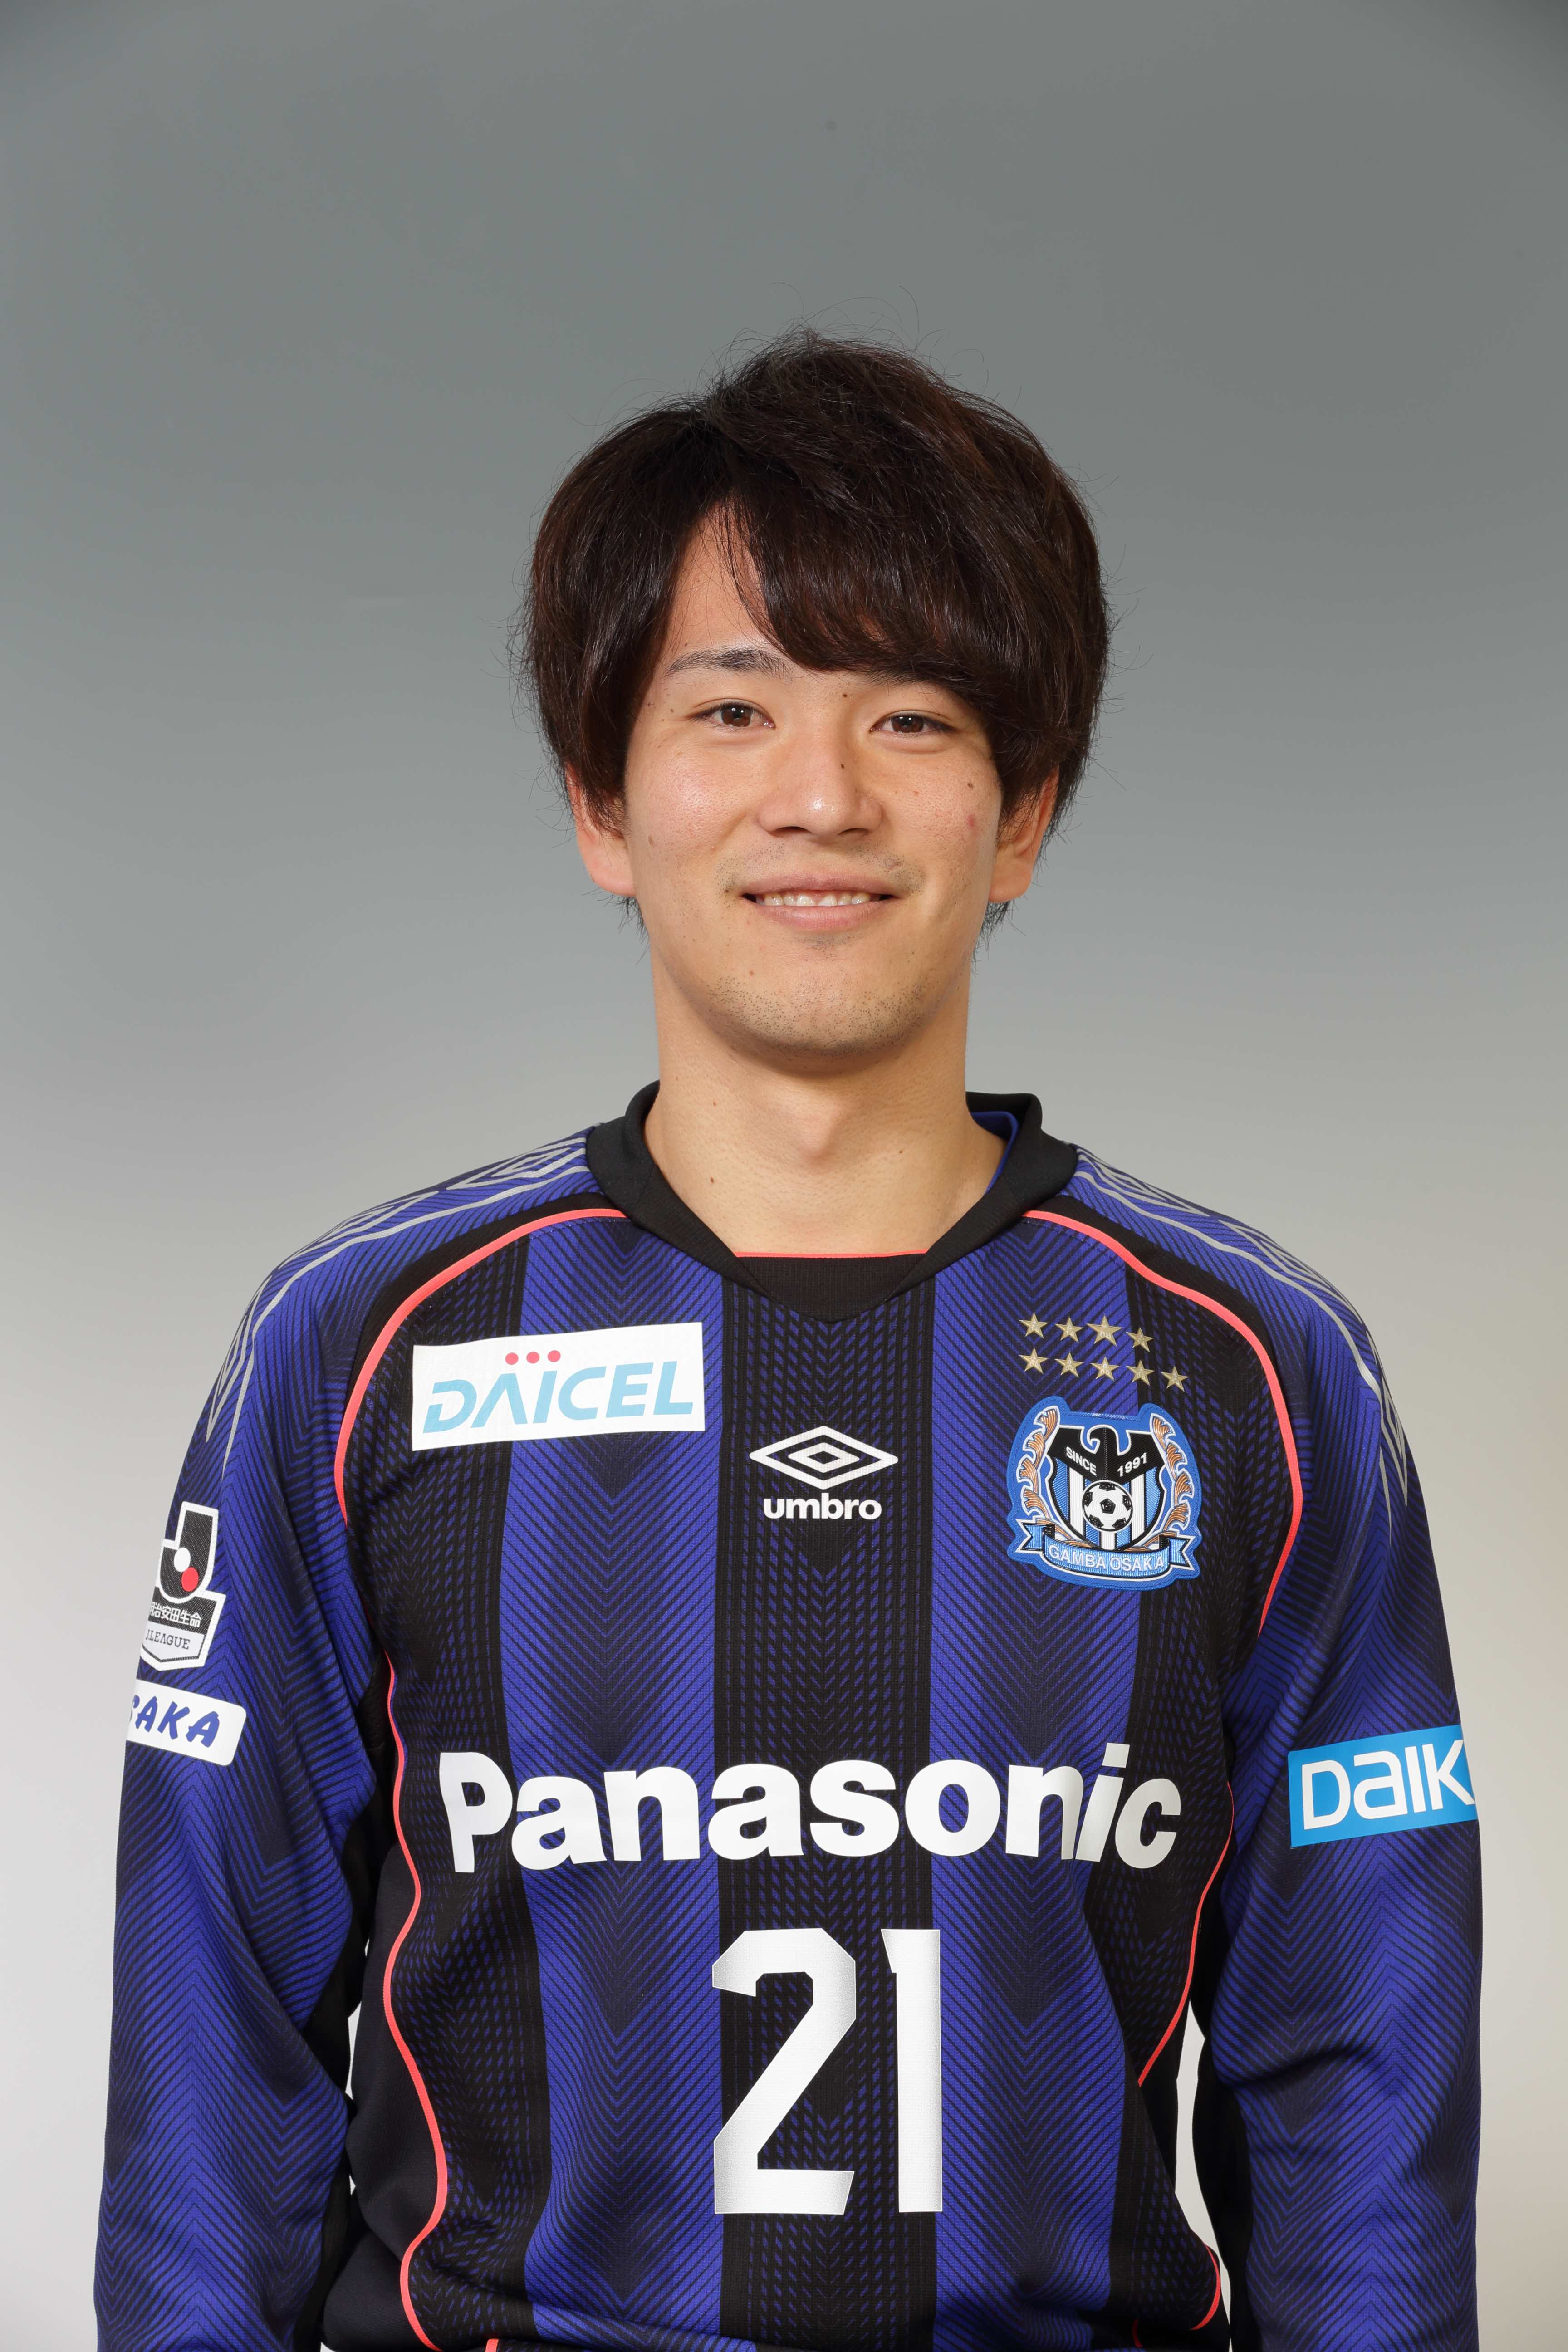 【本人直筆サイン入り公式】ガンバ大阪ユニフォーム2018HOME 矢島慎也選手